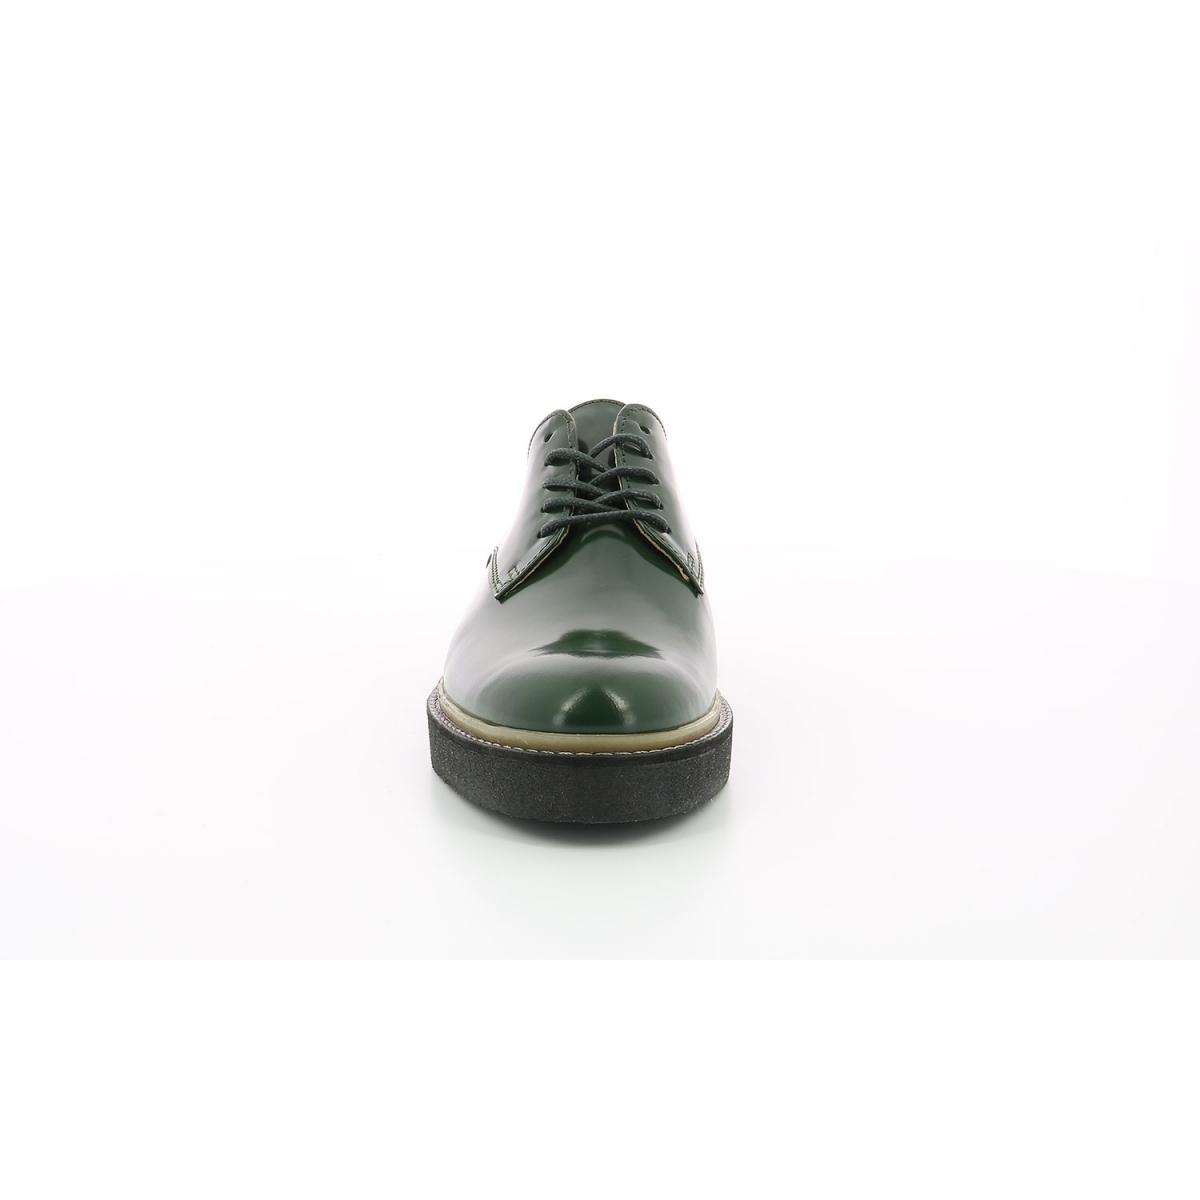 Derbies pour femme Oxfork vert sapin Chaussures femme